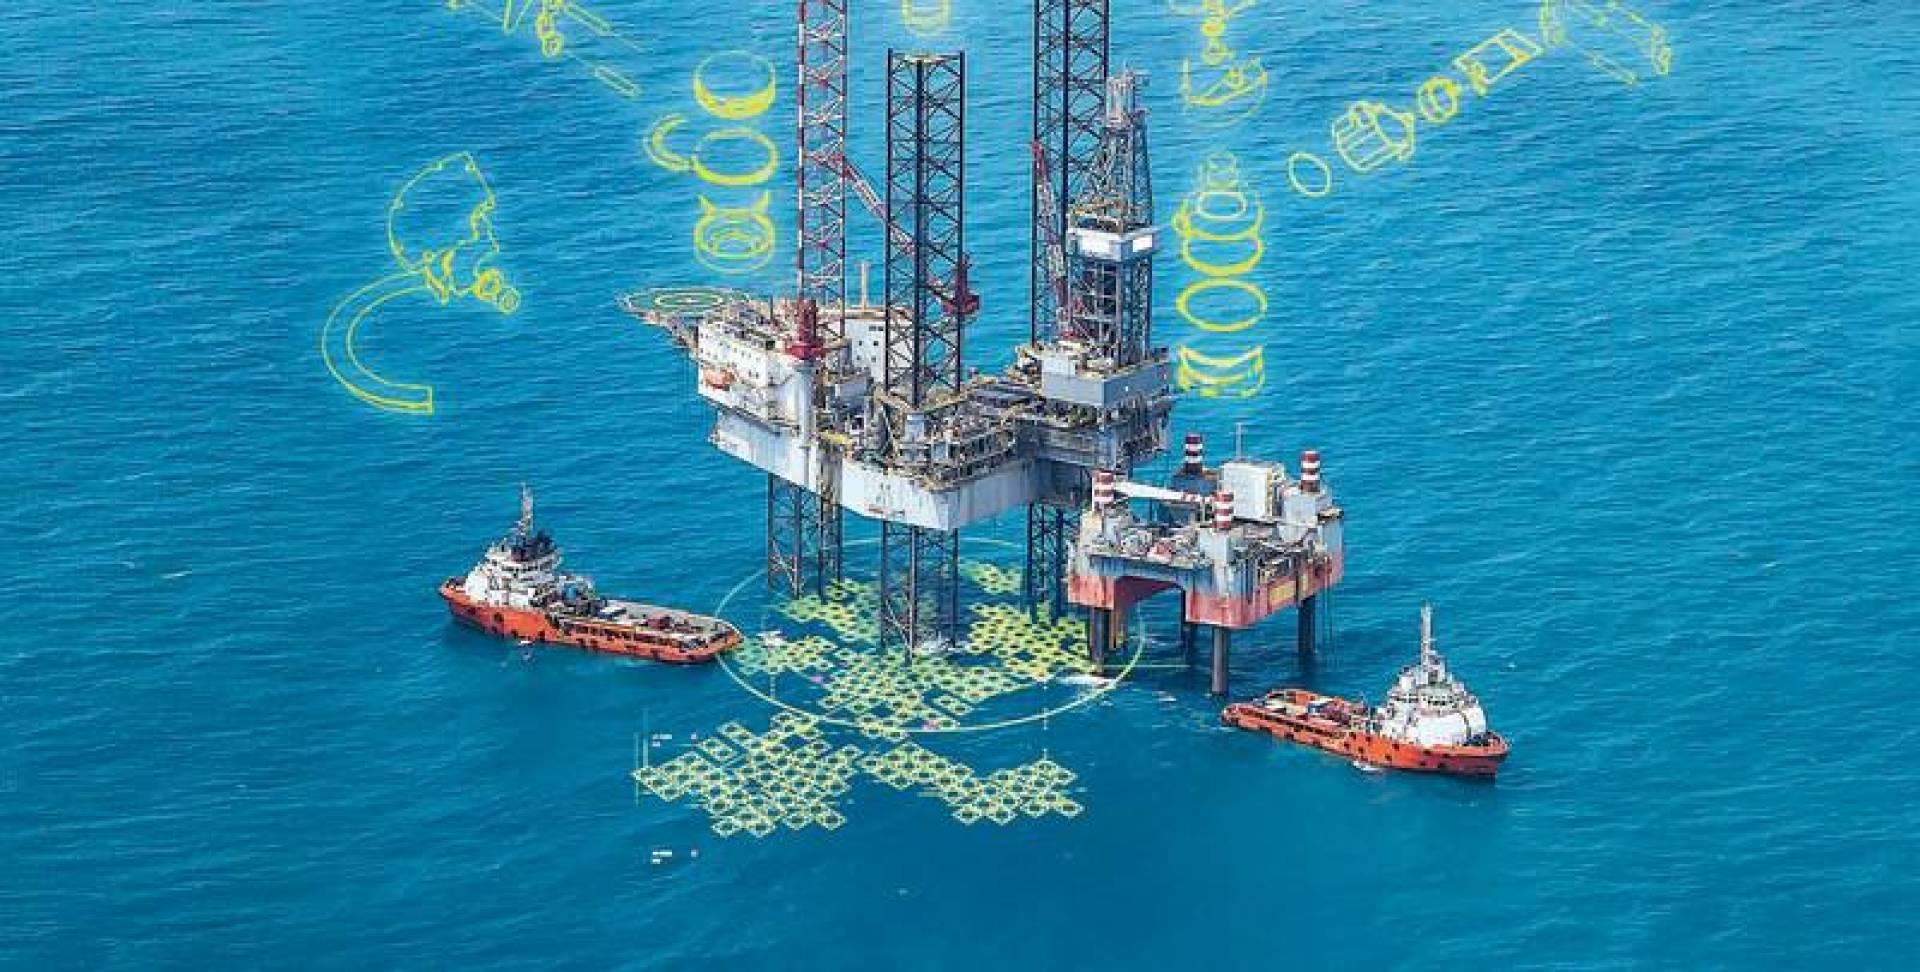 برامج الذكاء الاصطناعي ساهمت في حل العديد من المشكلات التشغيلية لشركات النفط والغاز